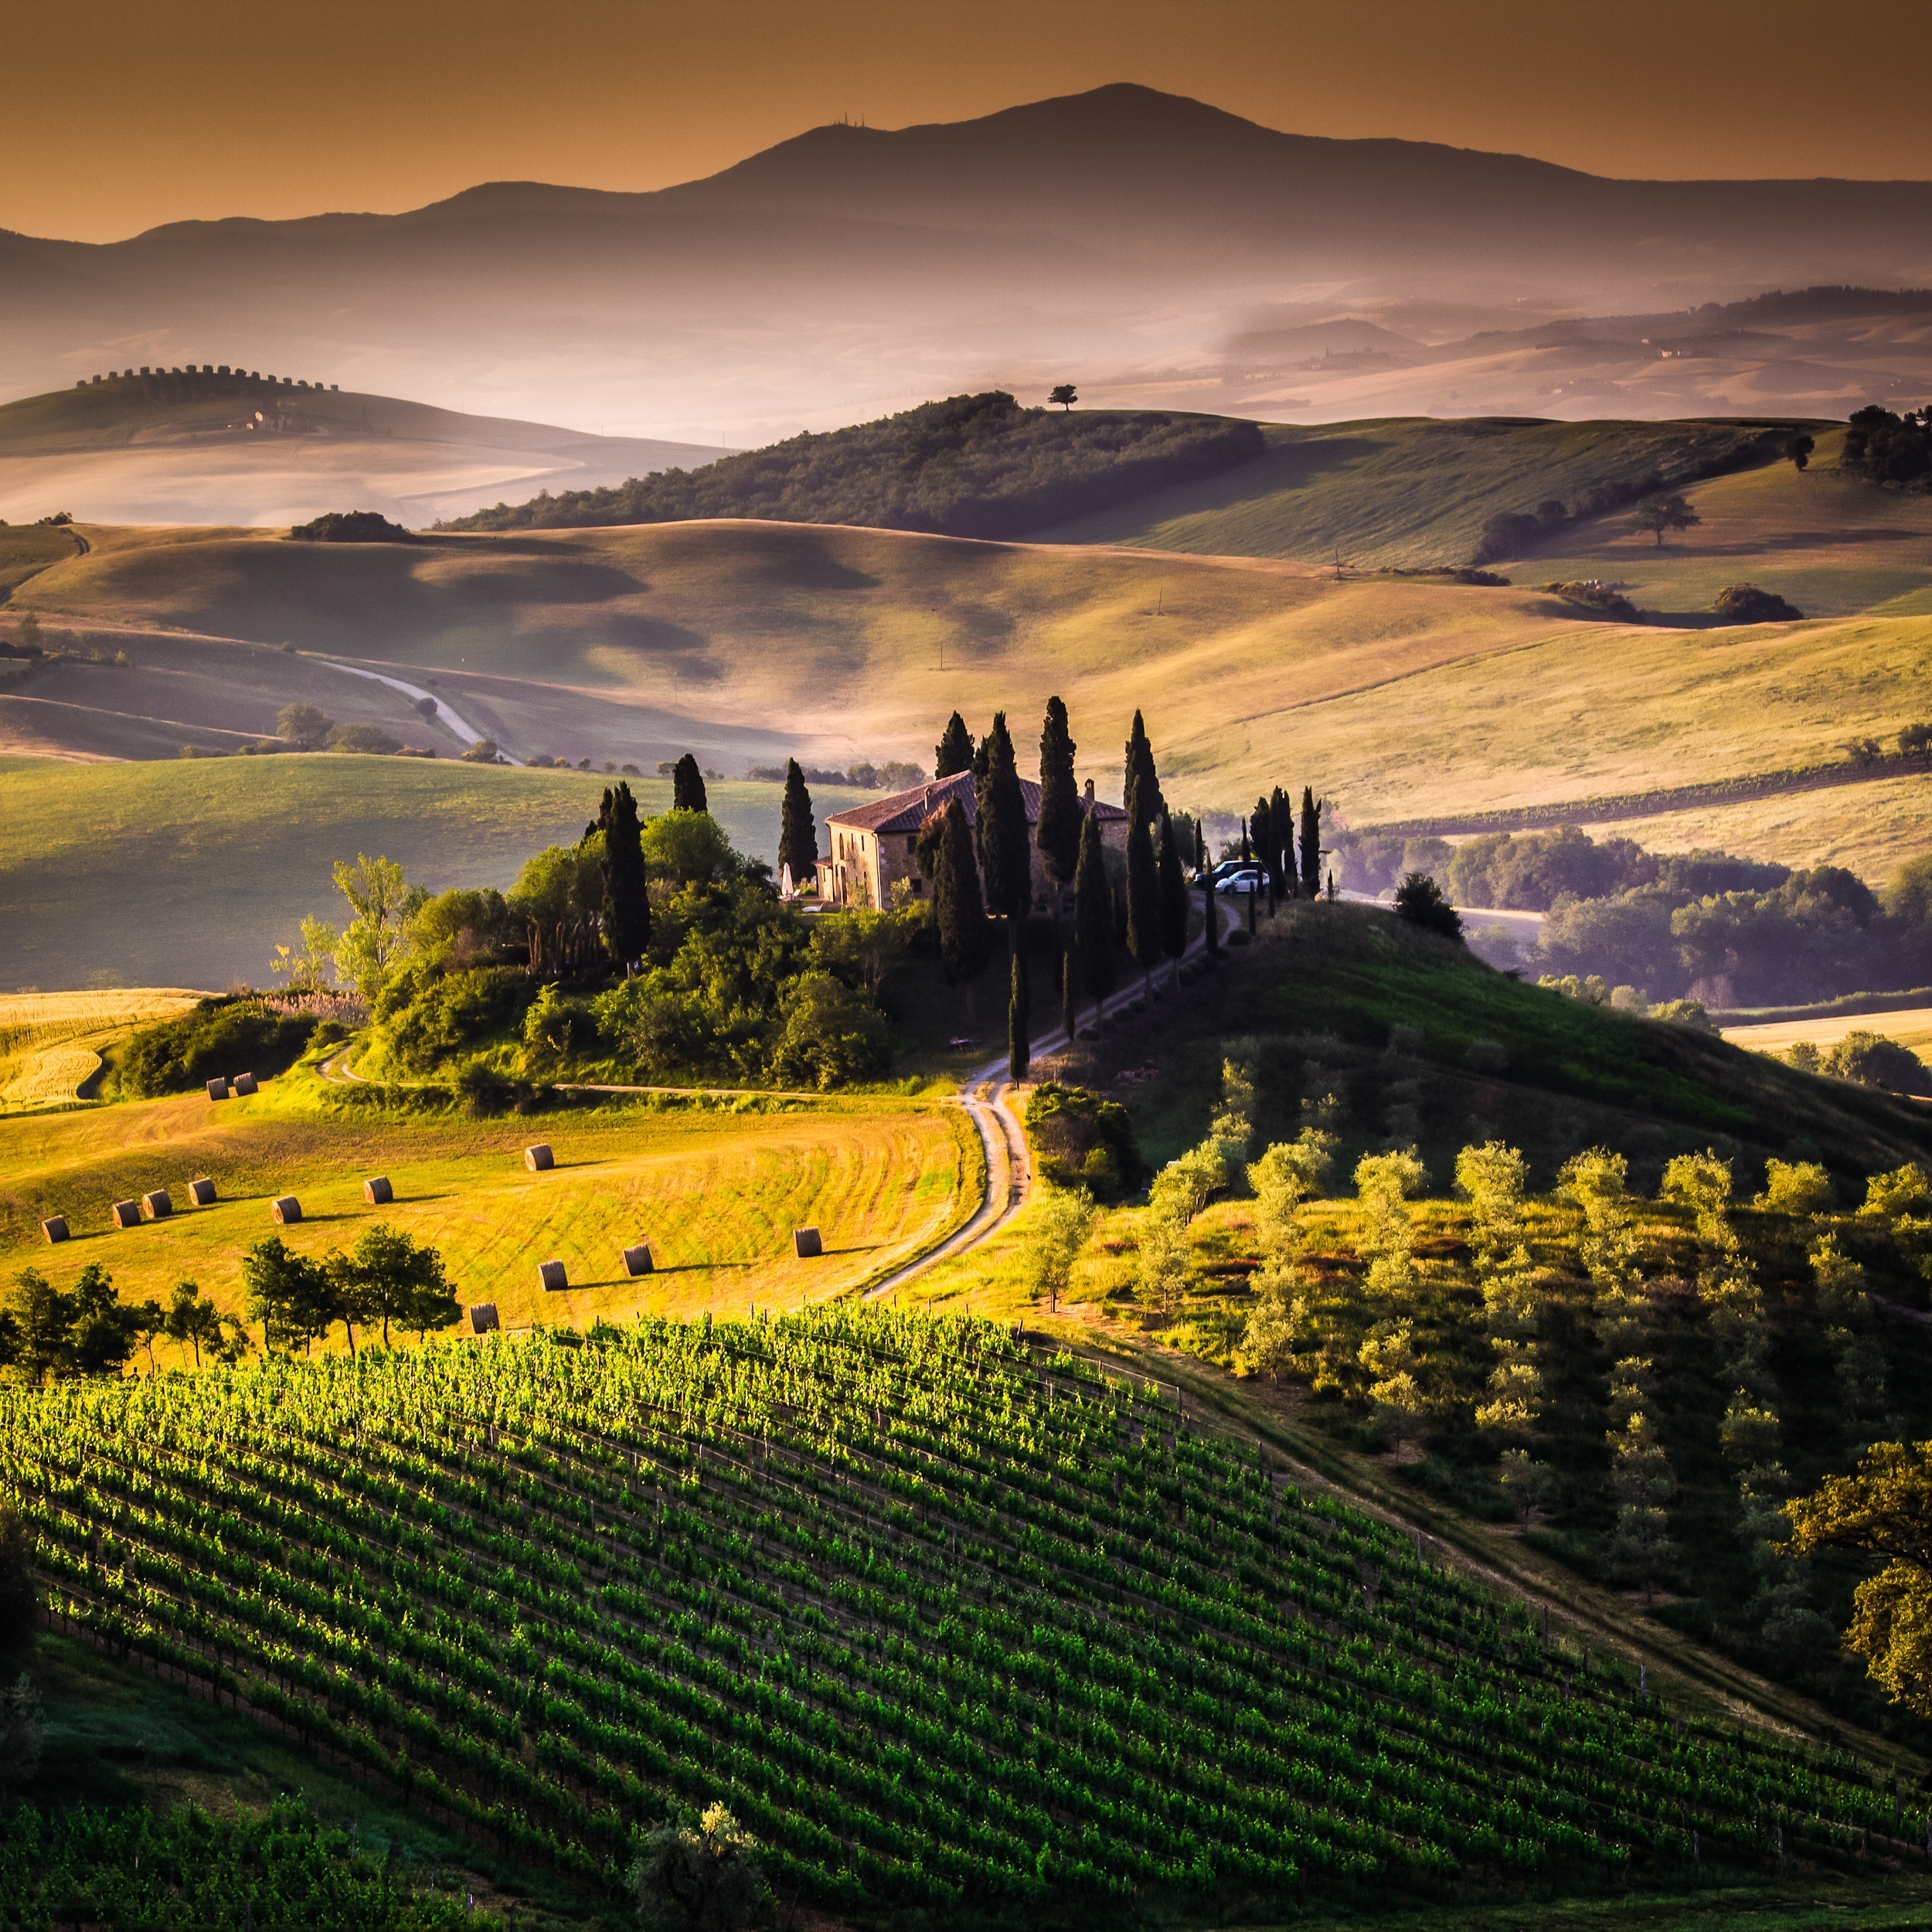 Tuscan-House-shutterstock_126955577.jpg#